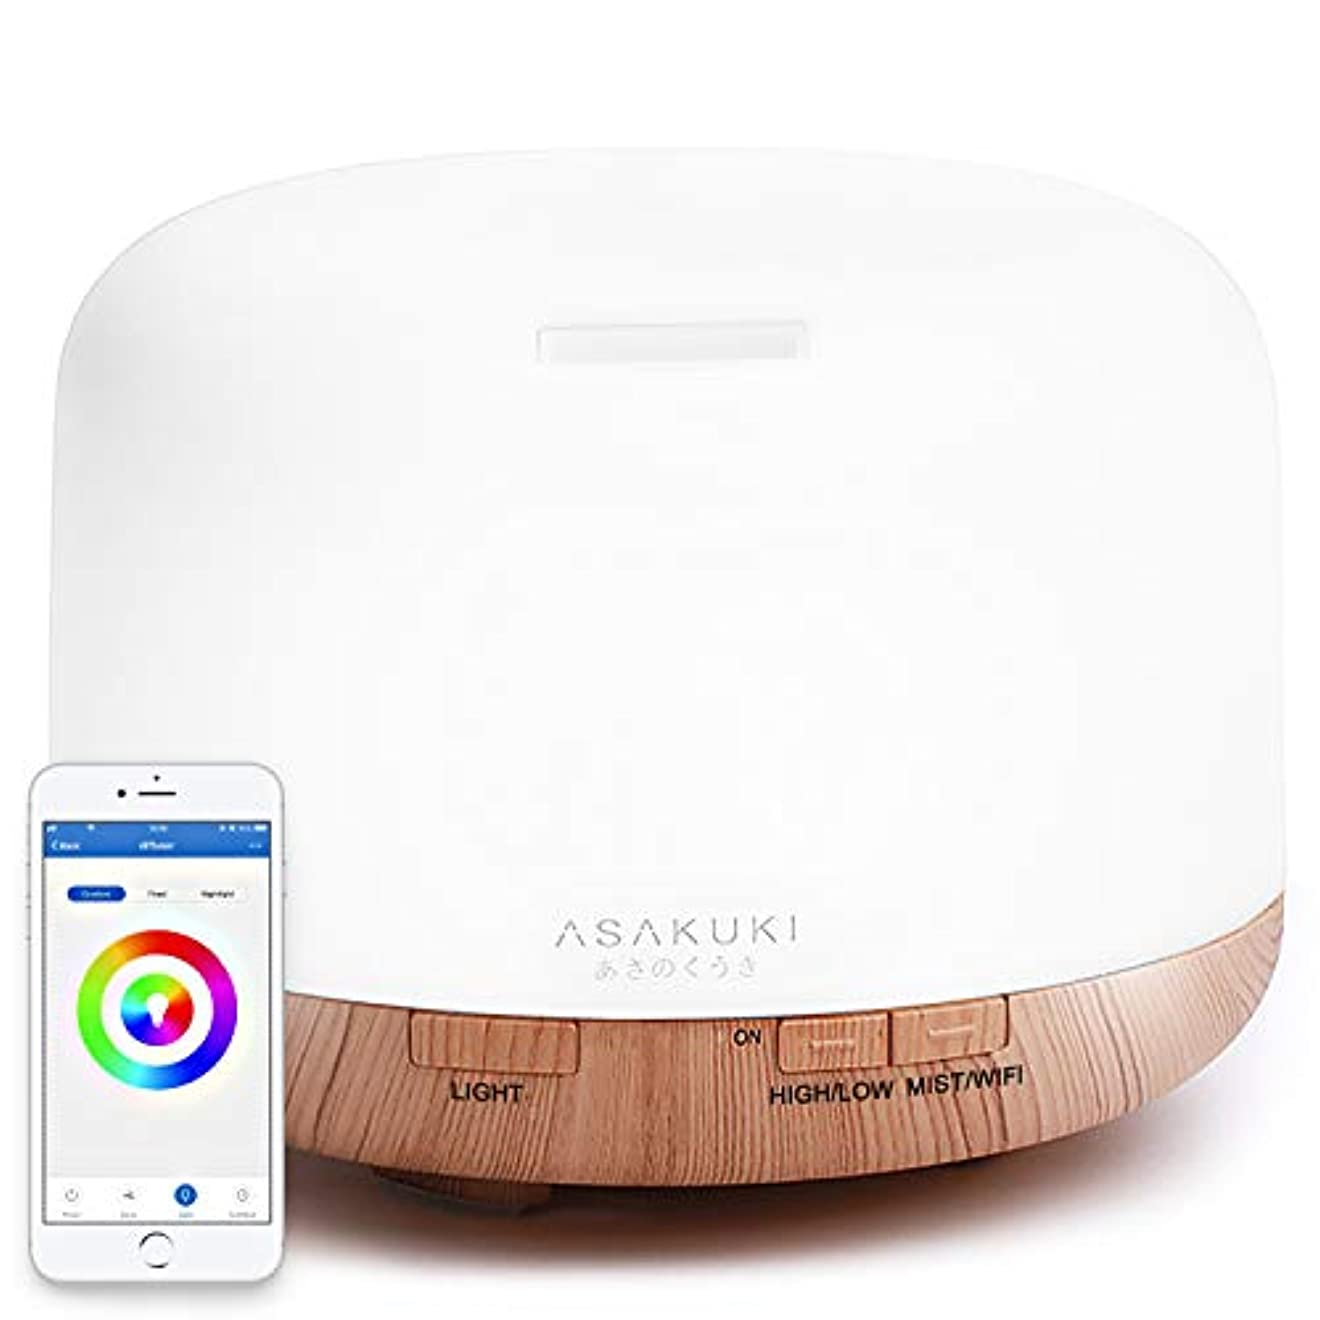 夕食を作るピクニックをする書店ASAKUKI ベッドルーム、オフィス、より良い睡眠&呼吸 雰囲気を緩和するアレクサ2019アップグレード設計500ミリリットルアロマ加湿器と互換性 あるスマート -エッセンシャルオイルディフューザーアプリ制御 標準 2018...